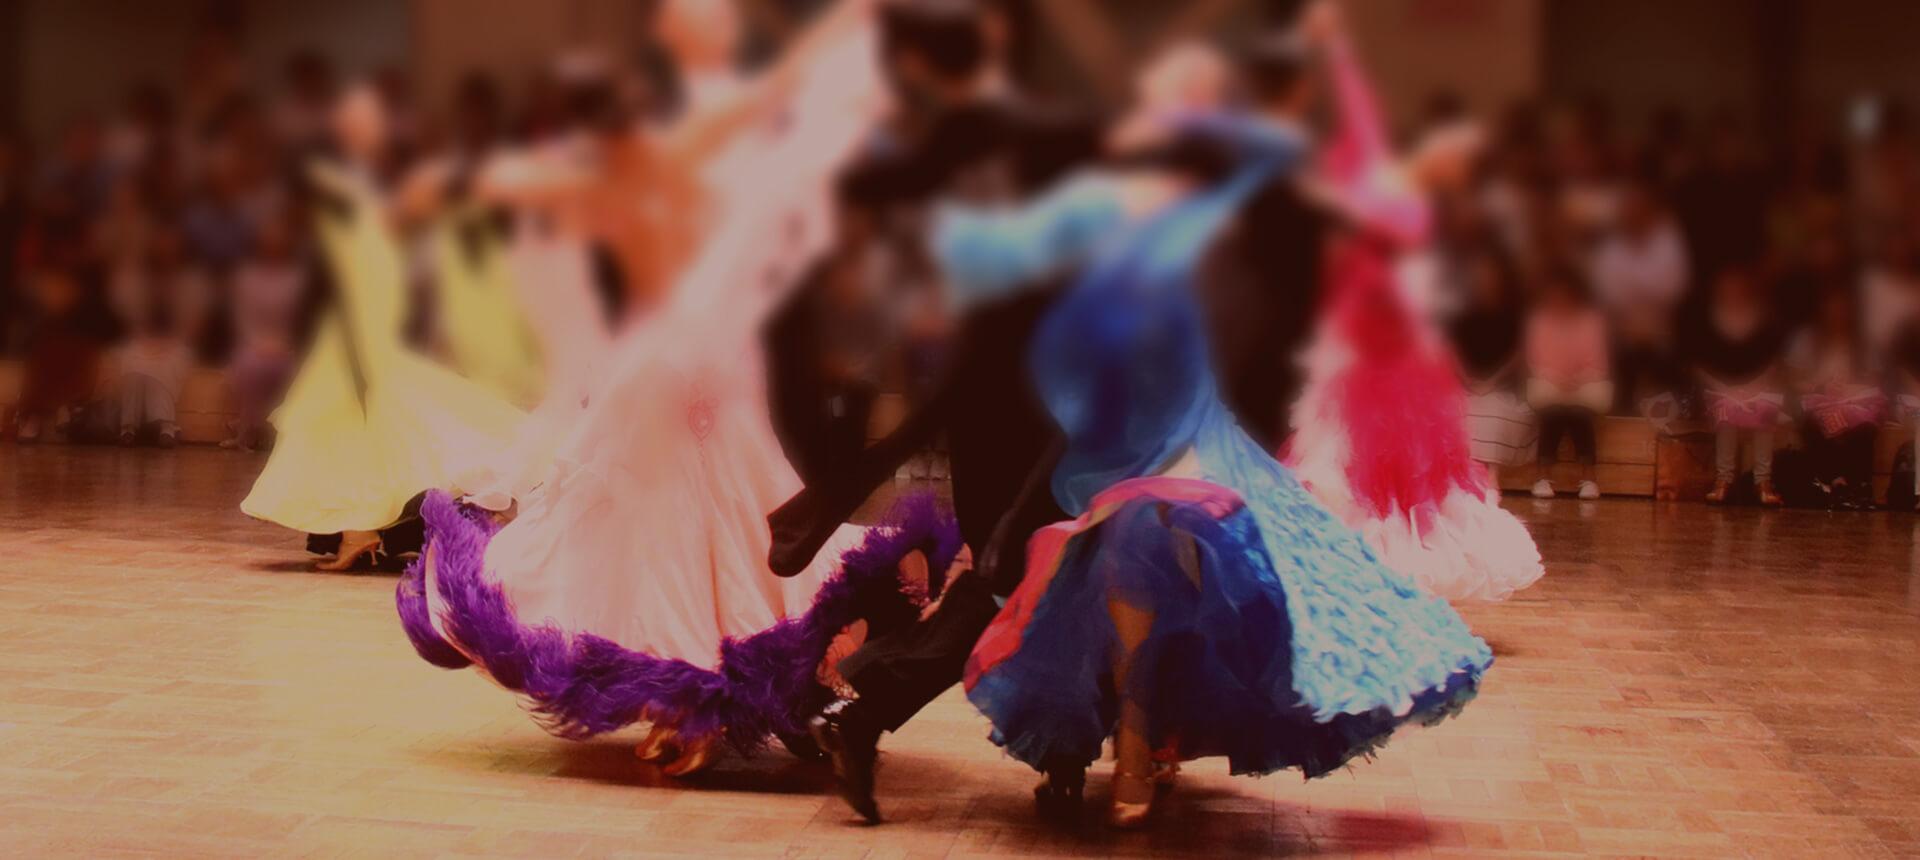 ボールルームダンスのイメージ画像02